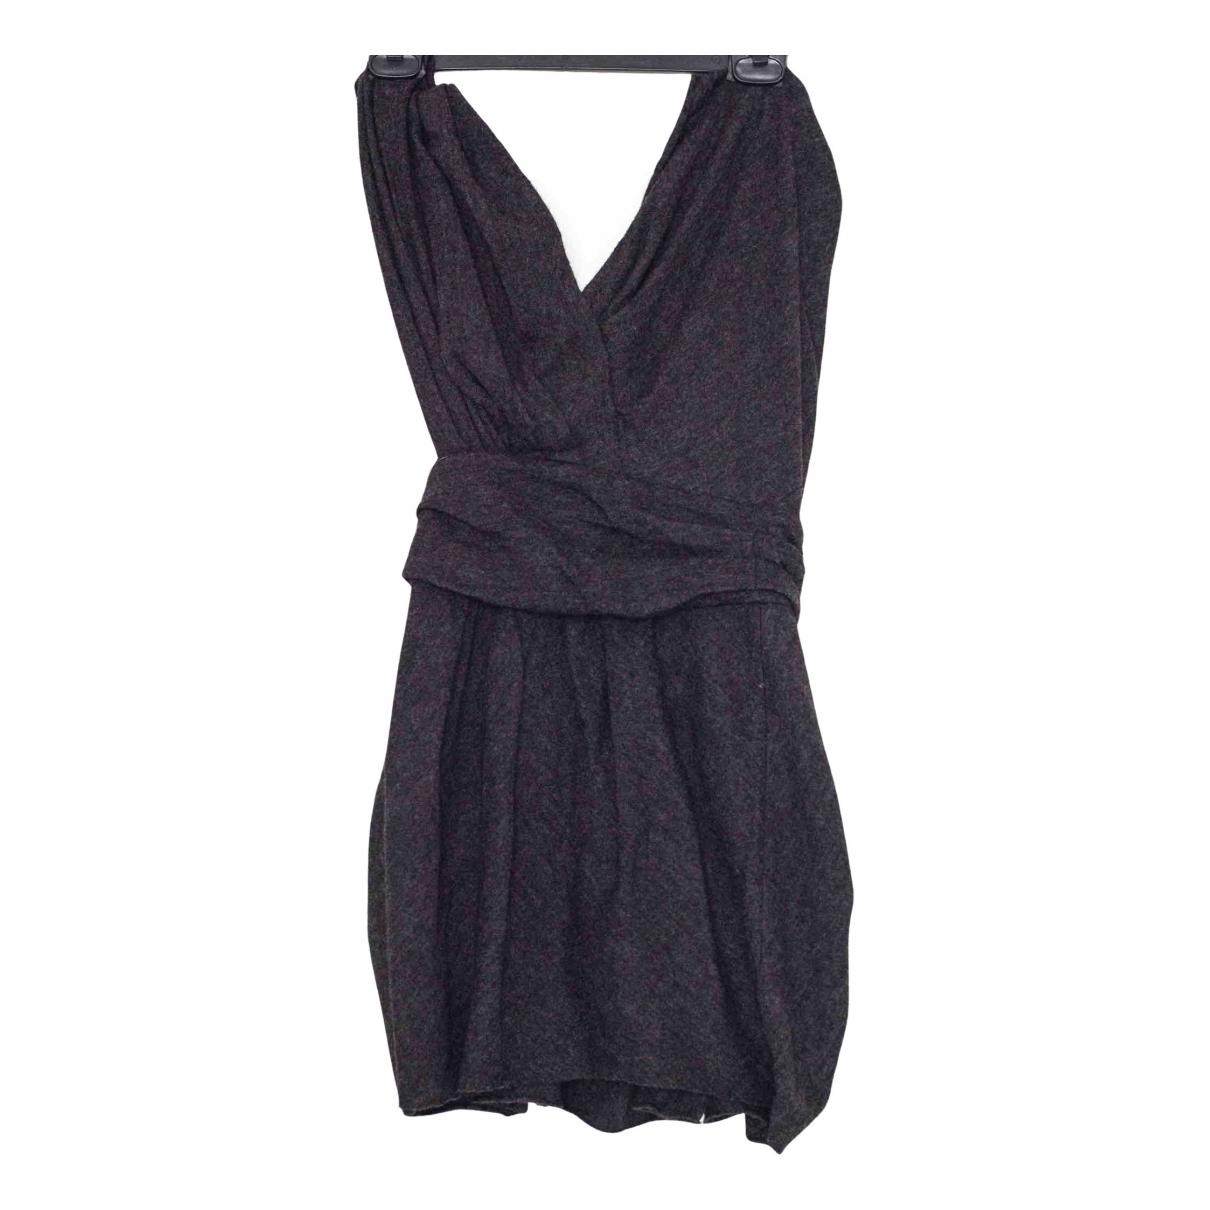 Isabel Marant \N Kleid in  Grau Wolle